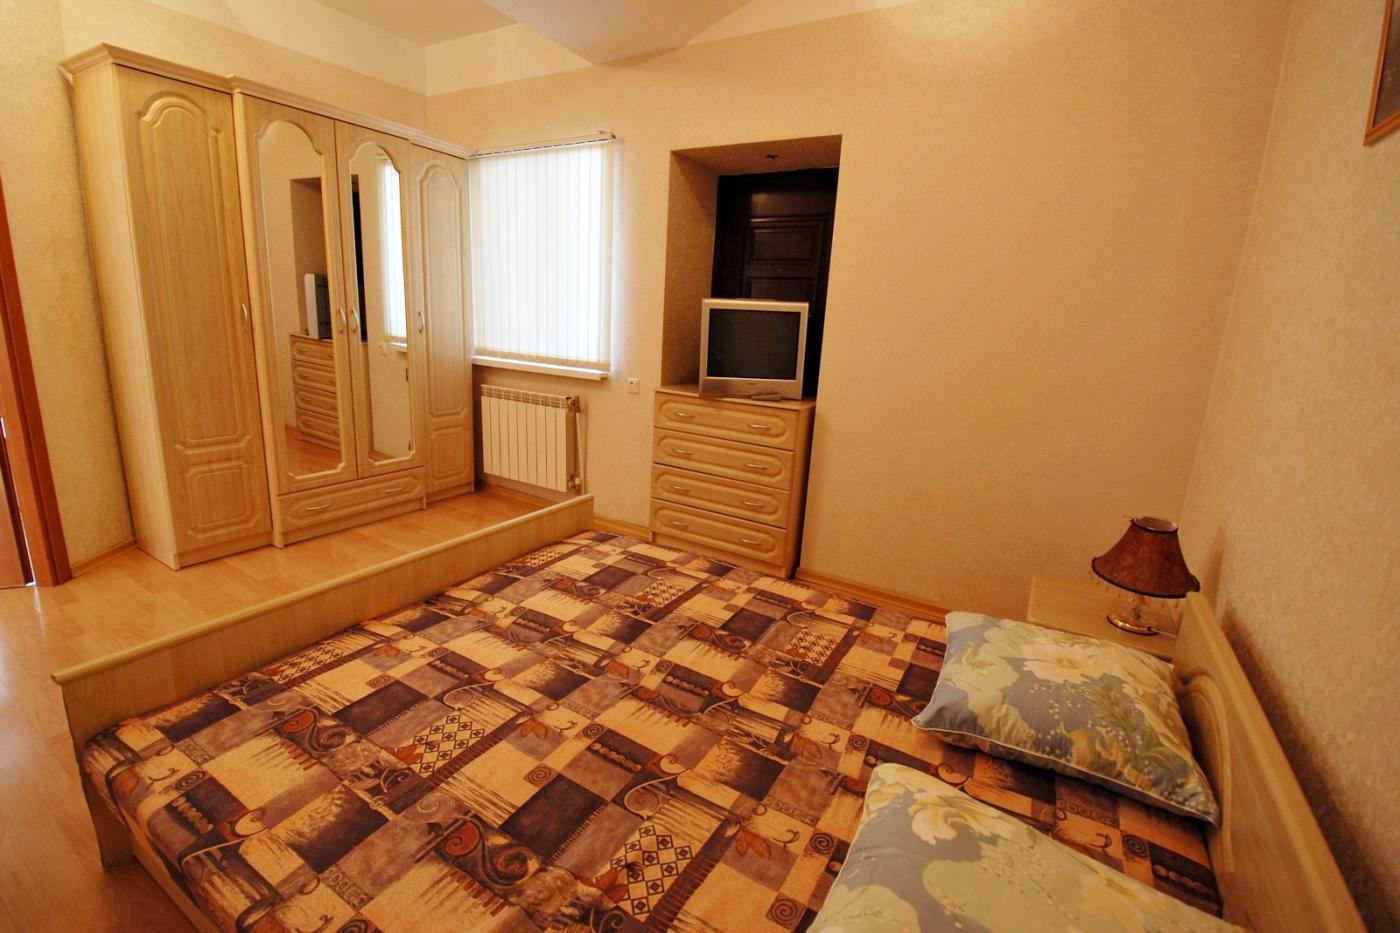 2-комнатный Коттедж посуточно (вариант № 1188), ул. Щербака улица, фото № 6